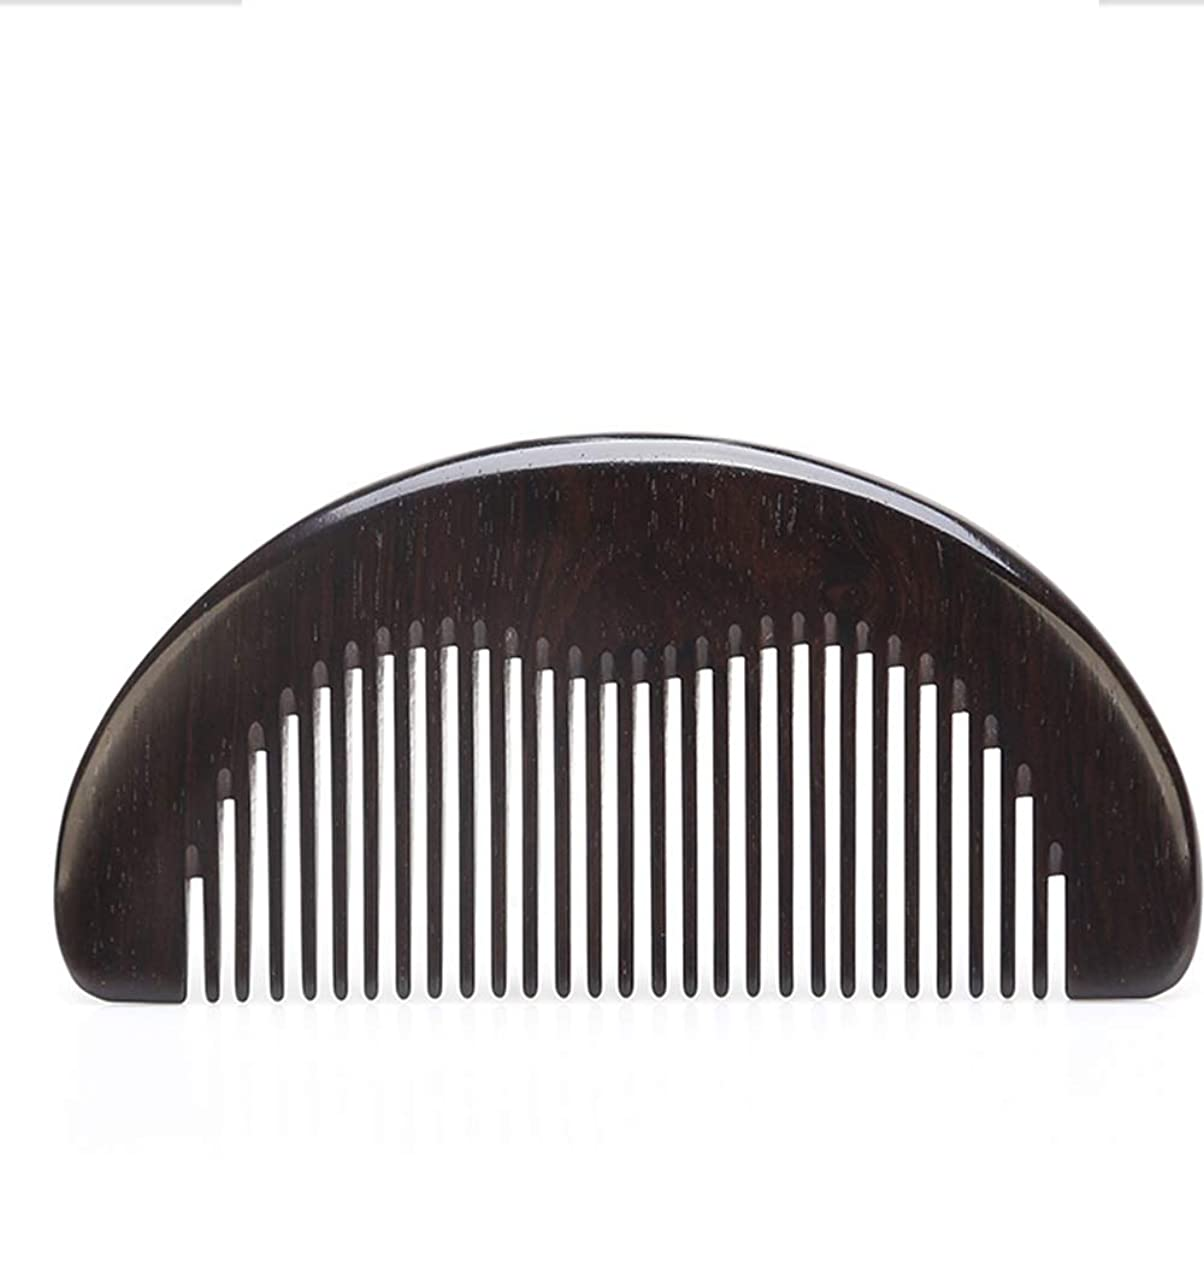 所有権体トピックふくらんでいない新しい大きな高密度の歯、髪の櫛を傷つけないでください モデリングツール (色 : C)